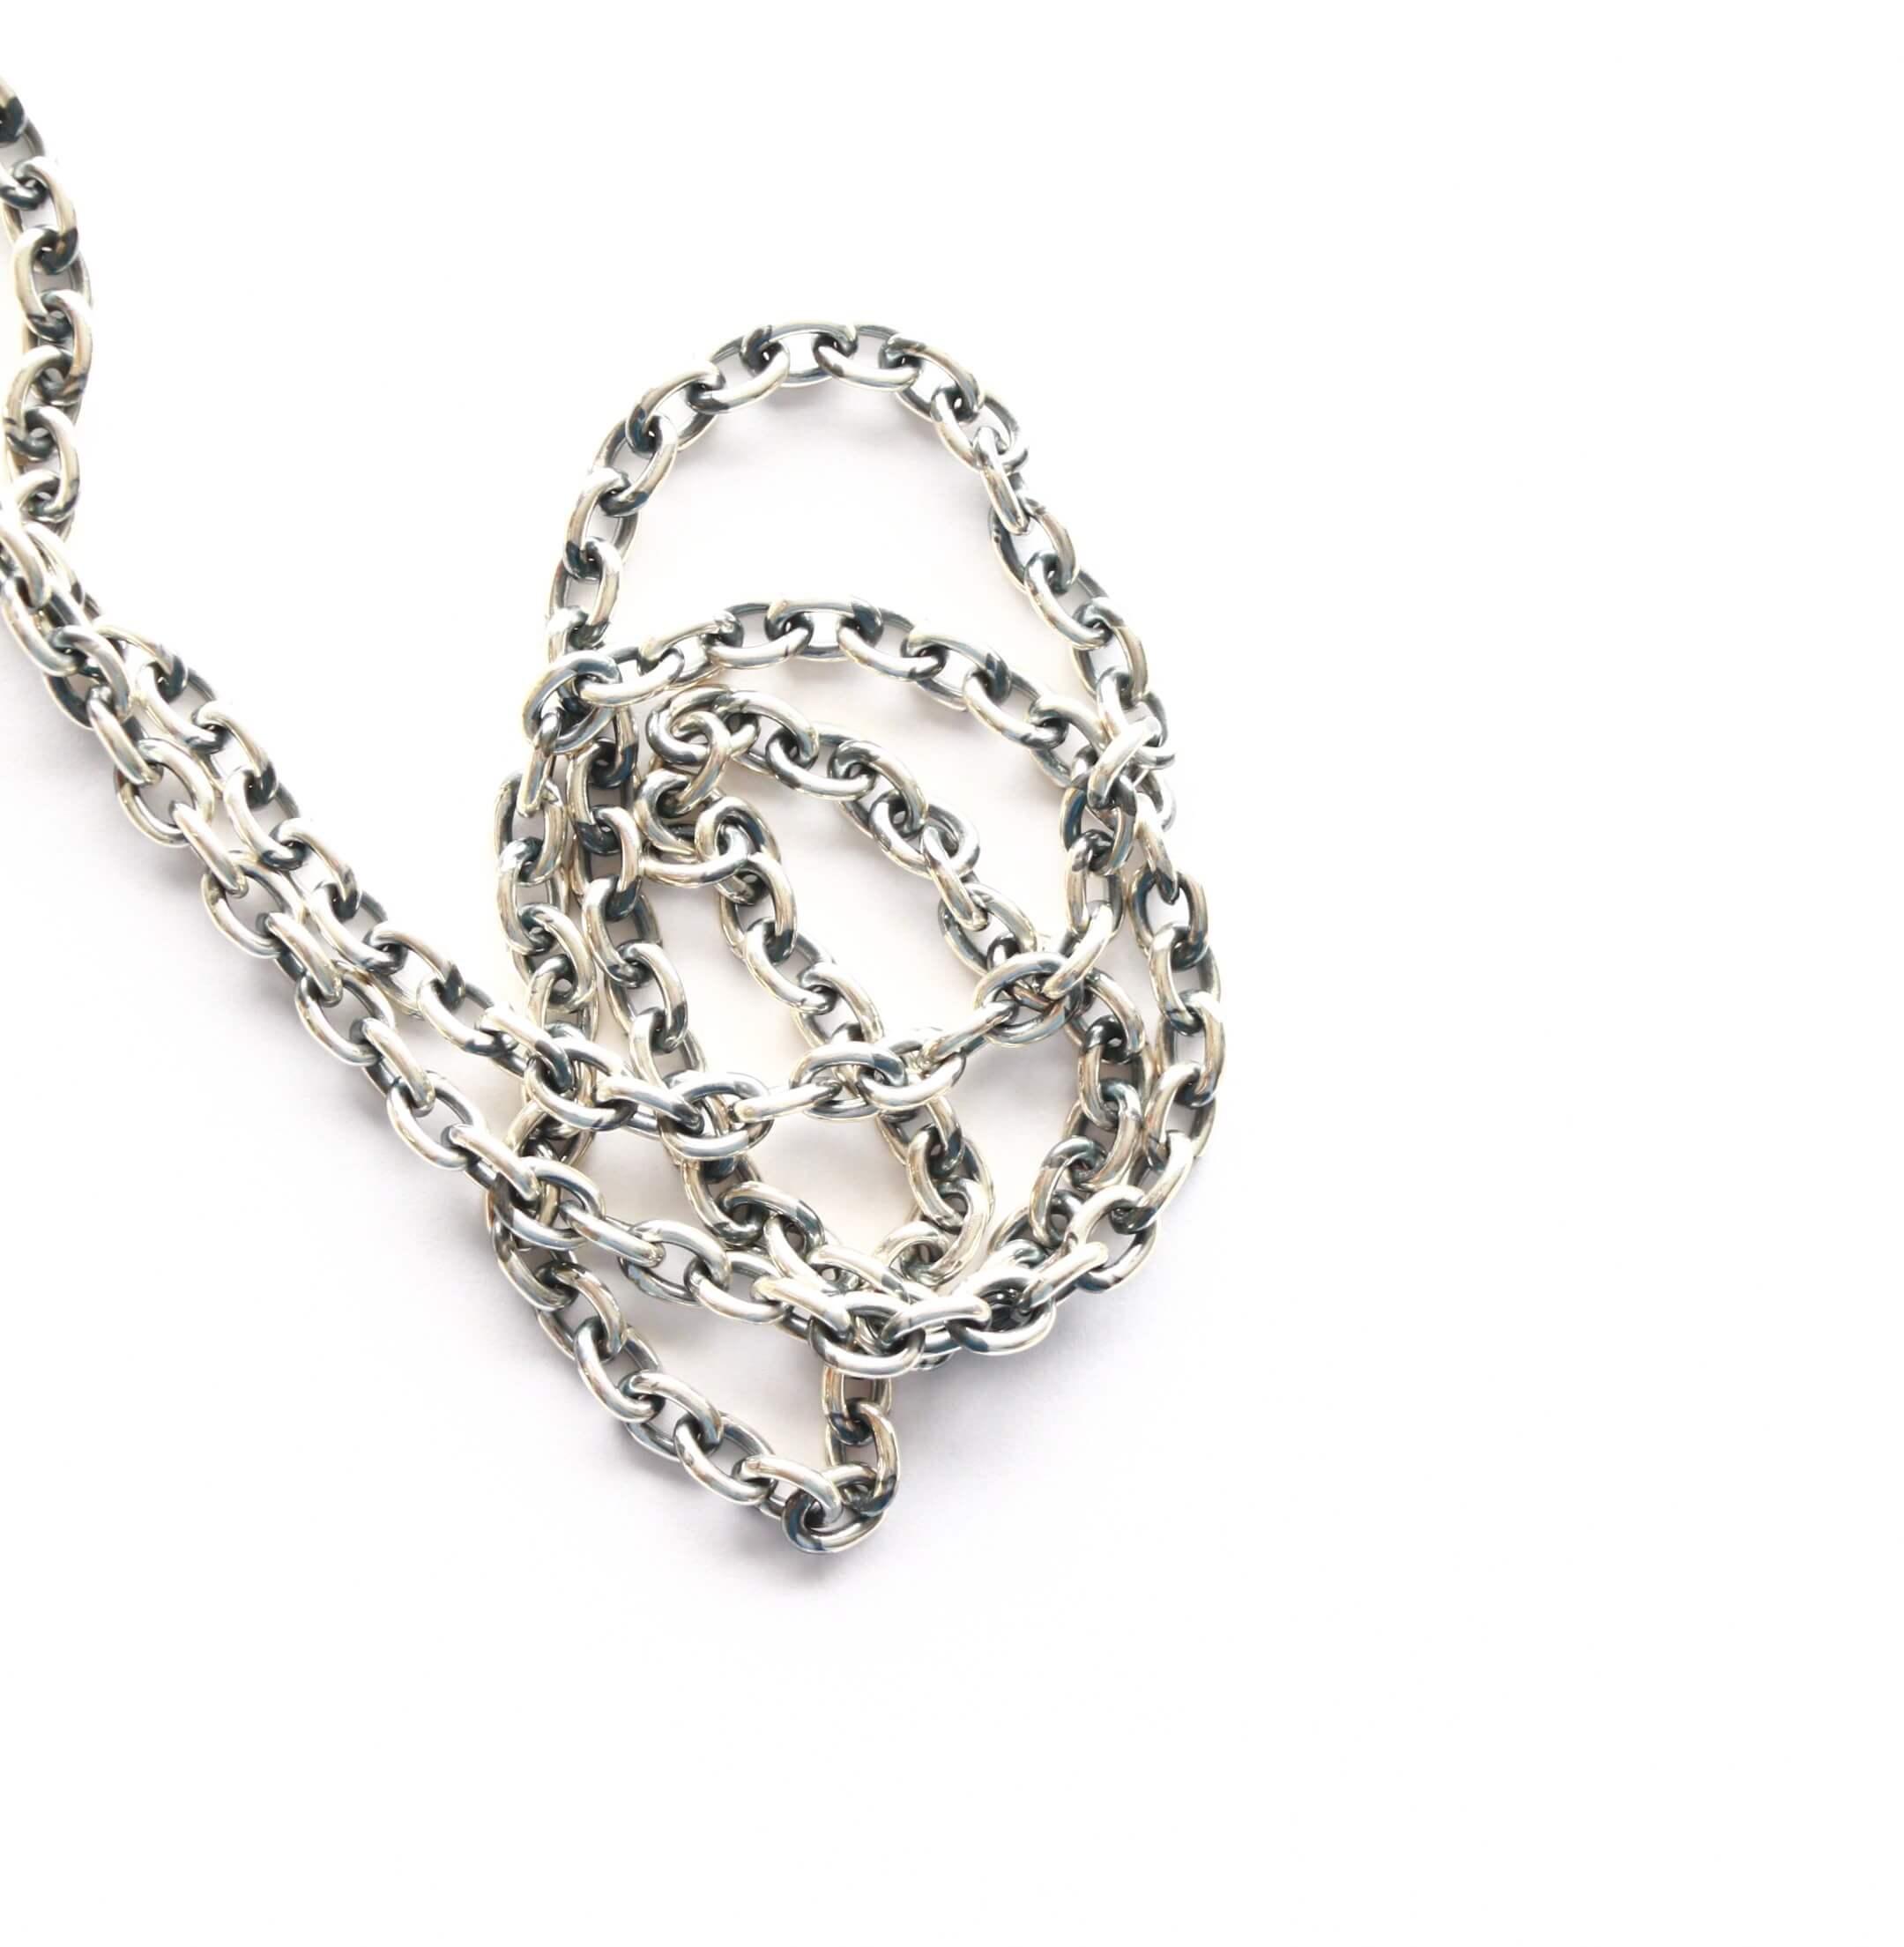 hemlock ヘムロック Silver Chain 太 50cm シルバーチェーン 太 50cm